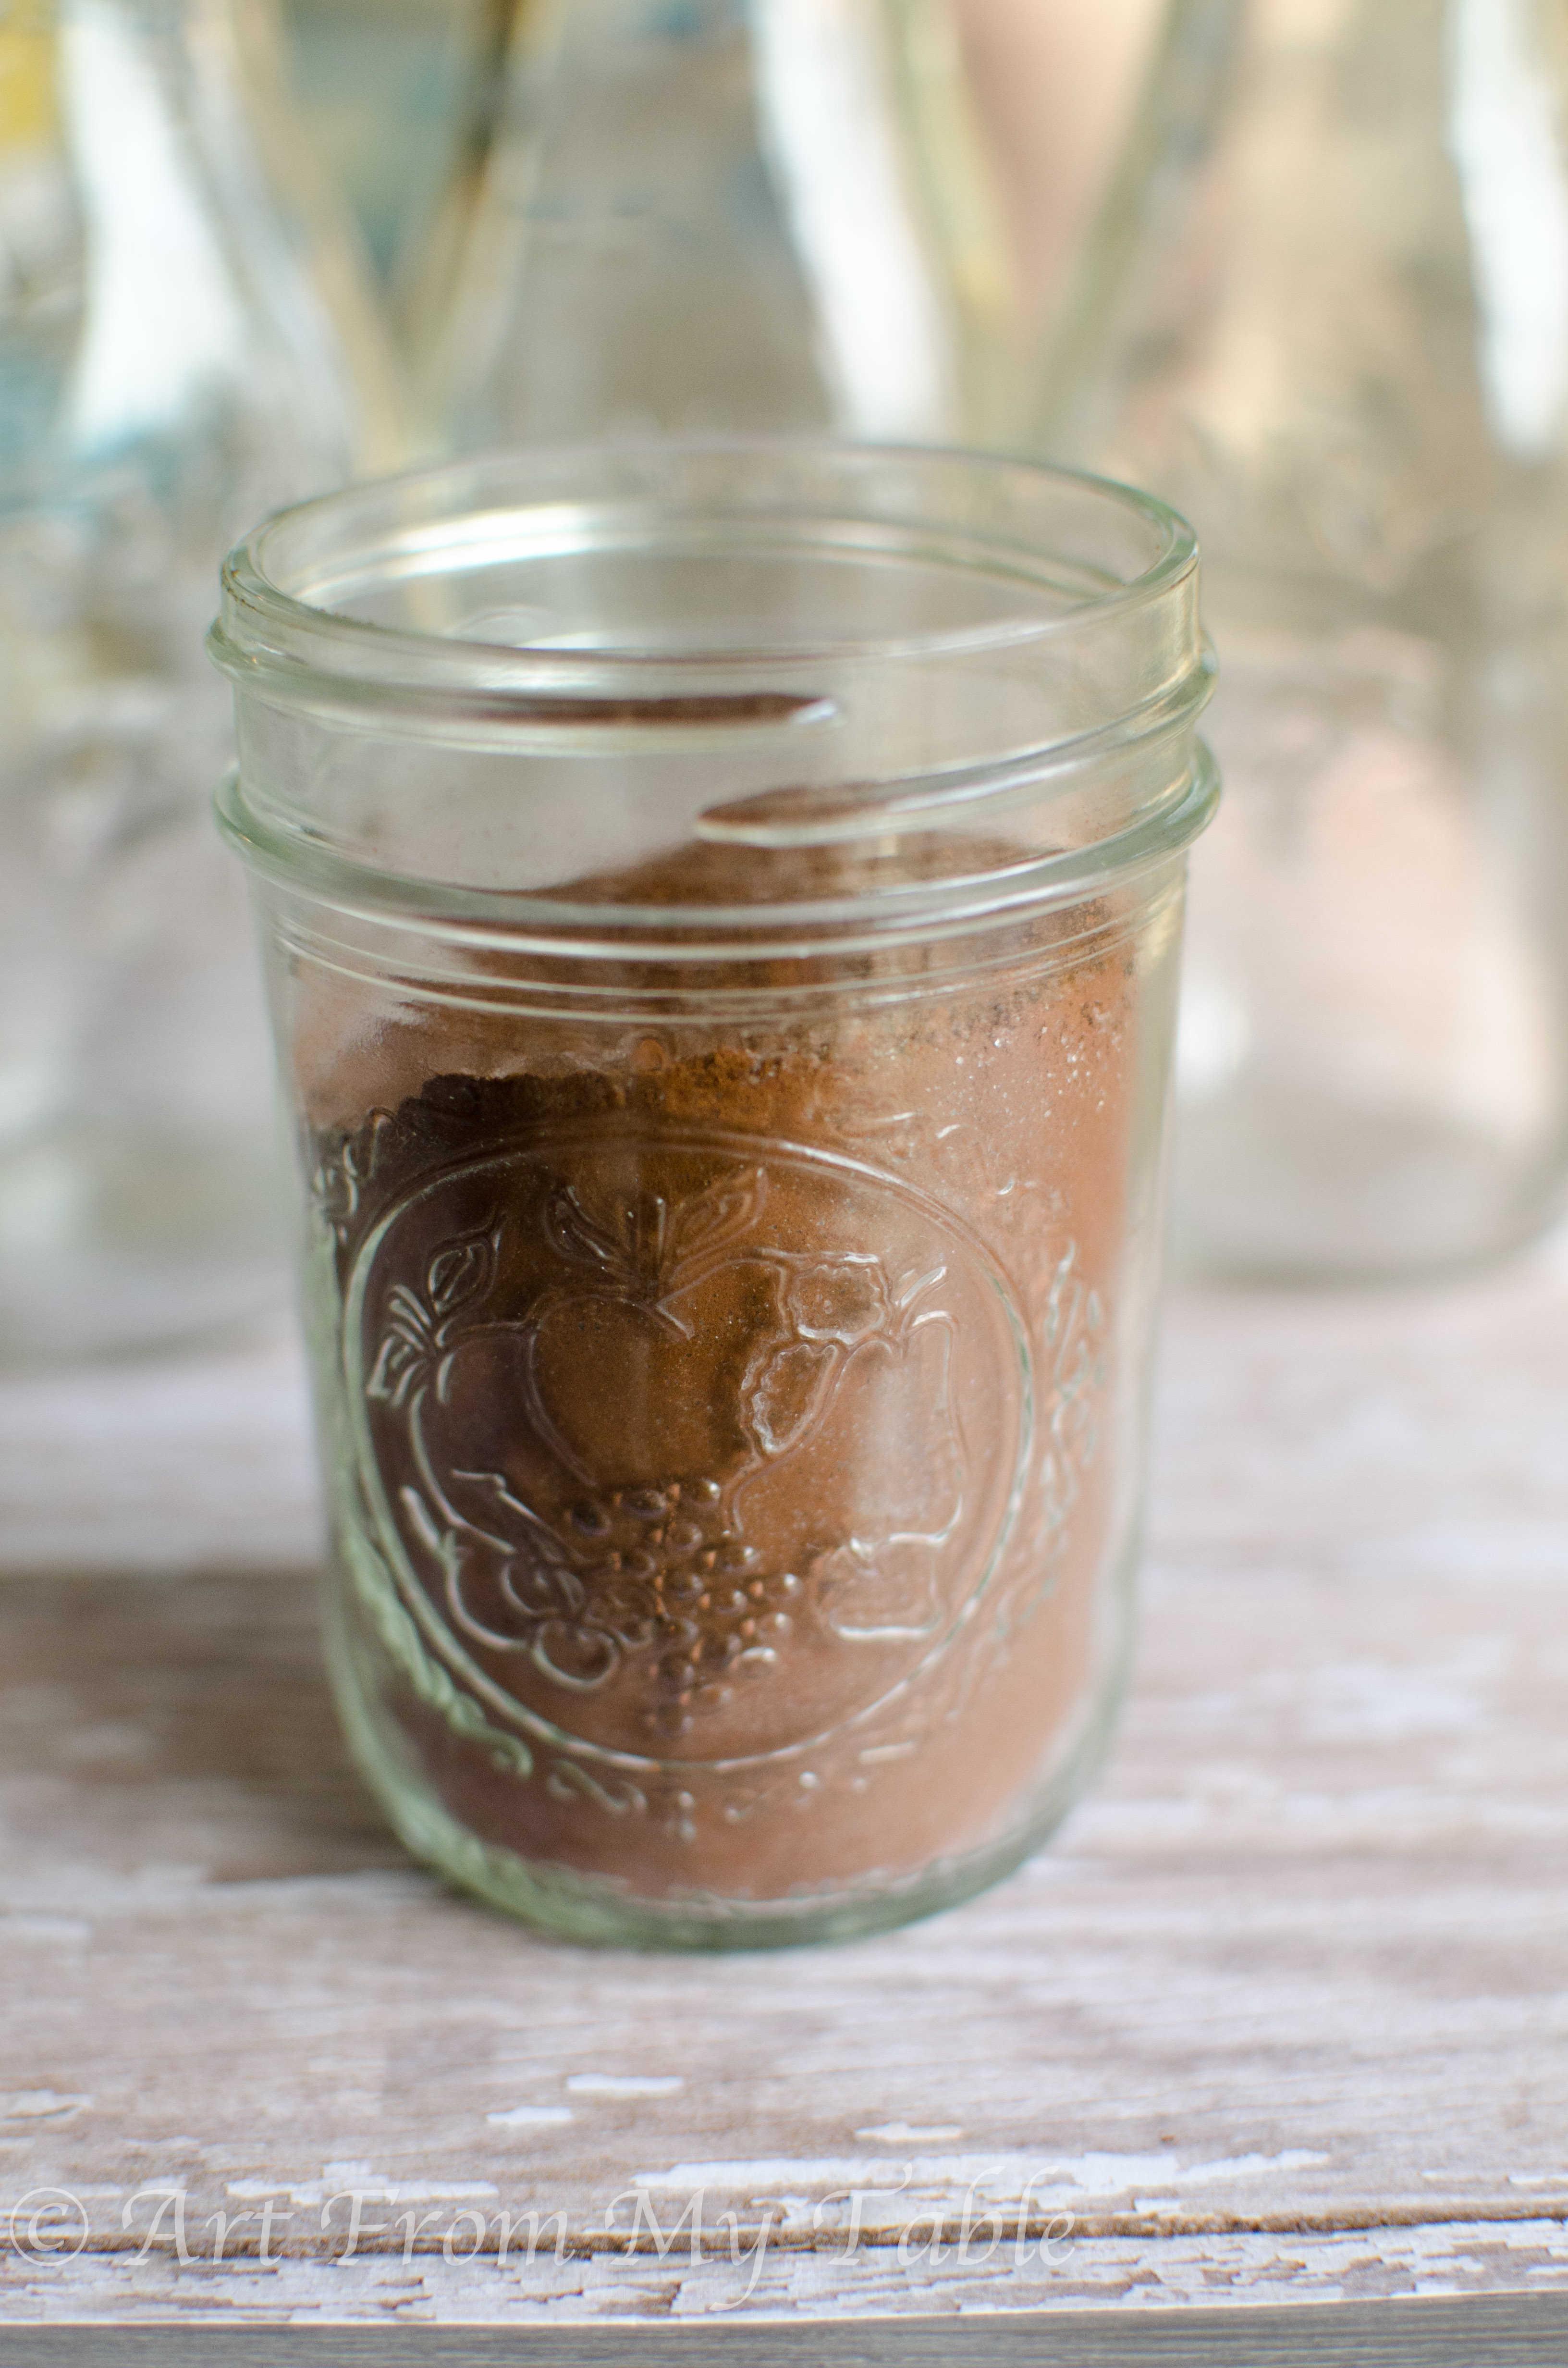 Jar with chocolate milk mix inside.